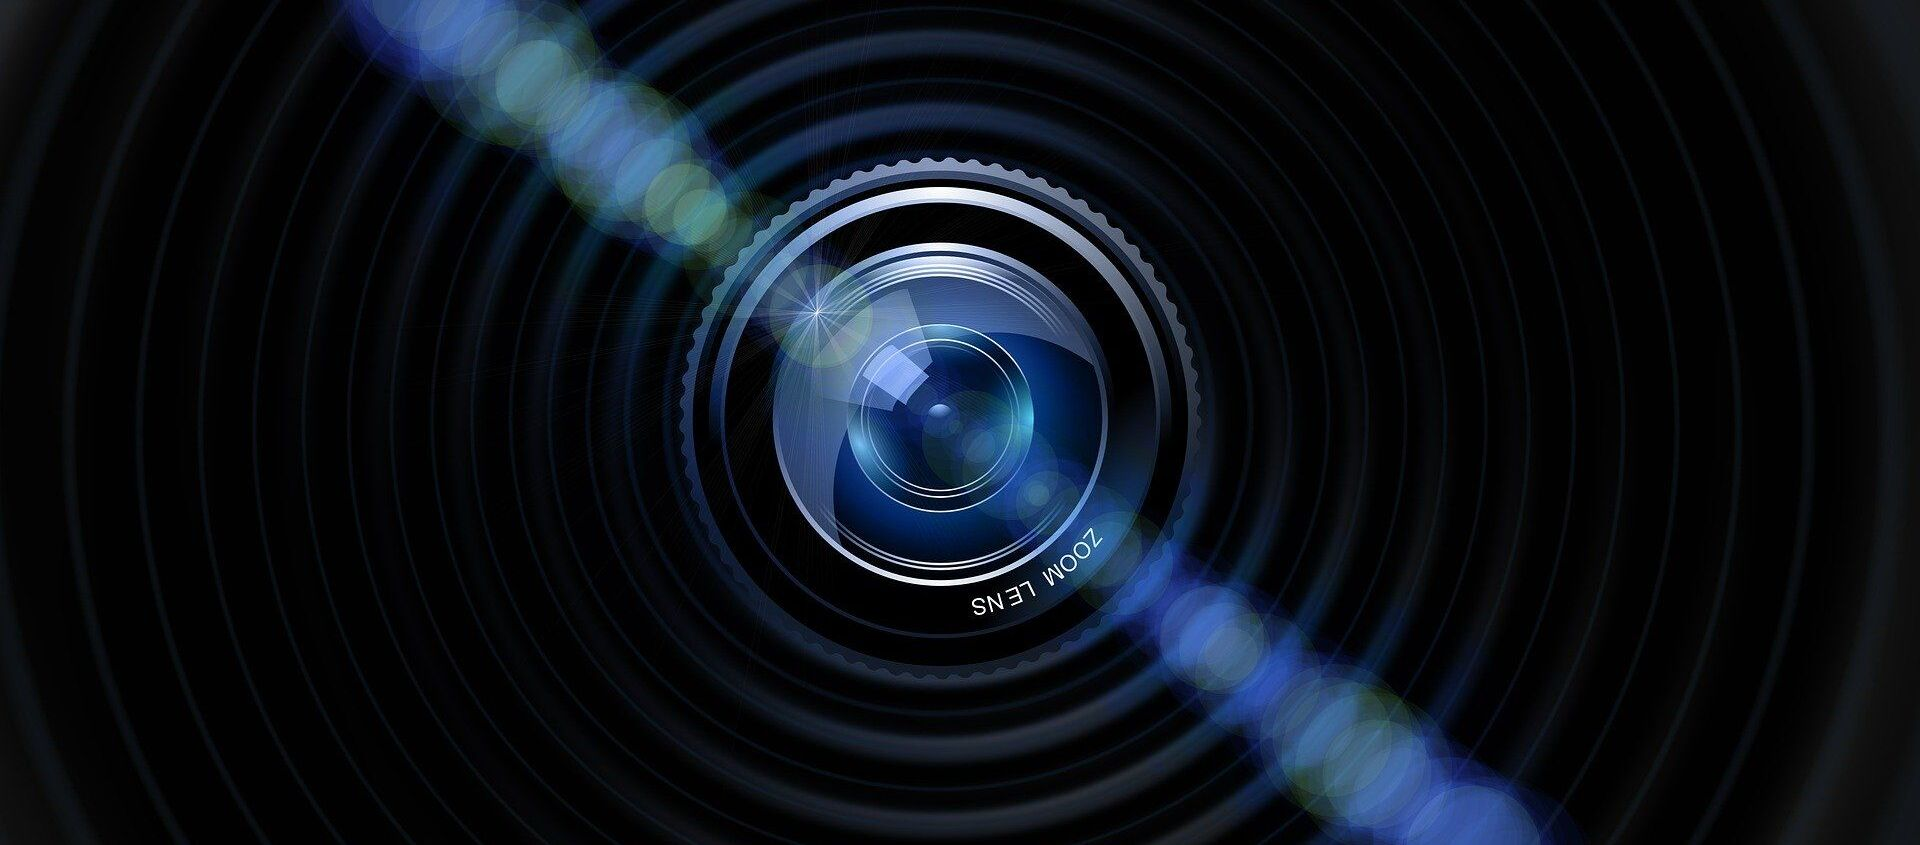 La lente de una cámara (ilustración) - Sputnik Mundo, 1920, 05.09.2020